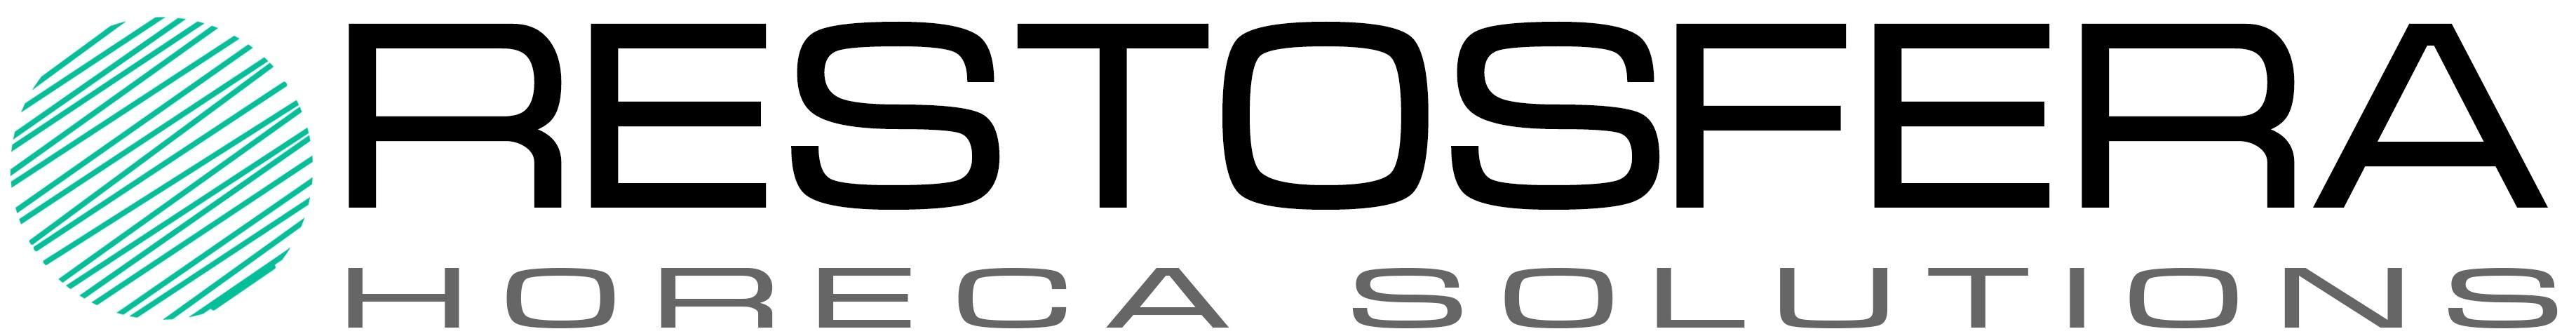 RESTOSFERA - оборудование для предприятий общественного питания (продажа, проектирование, сервис)